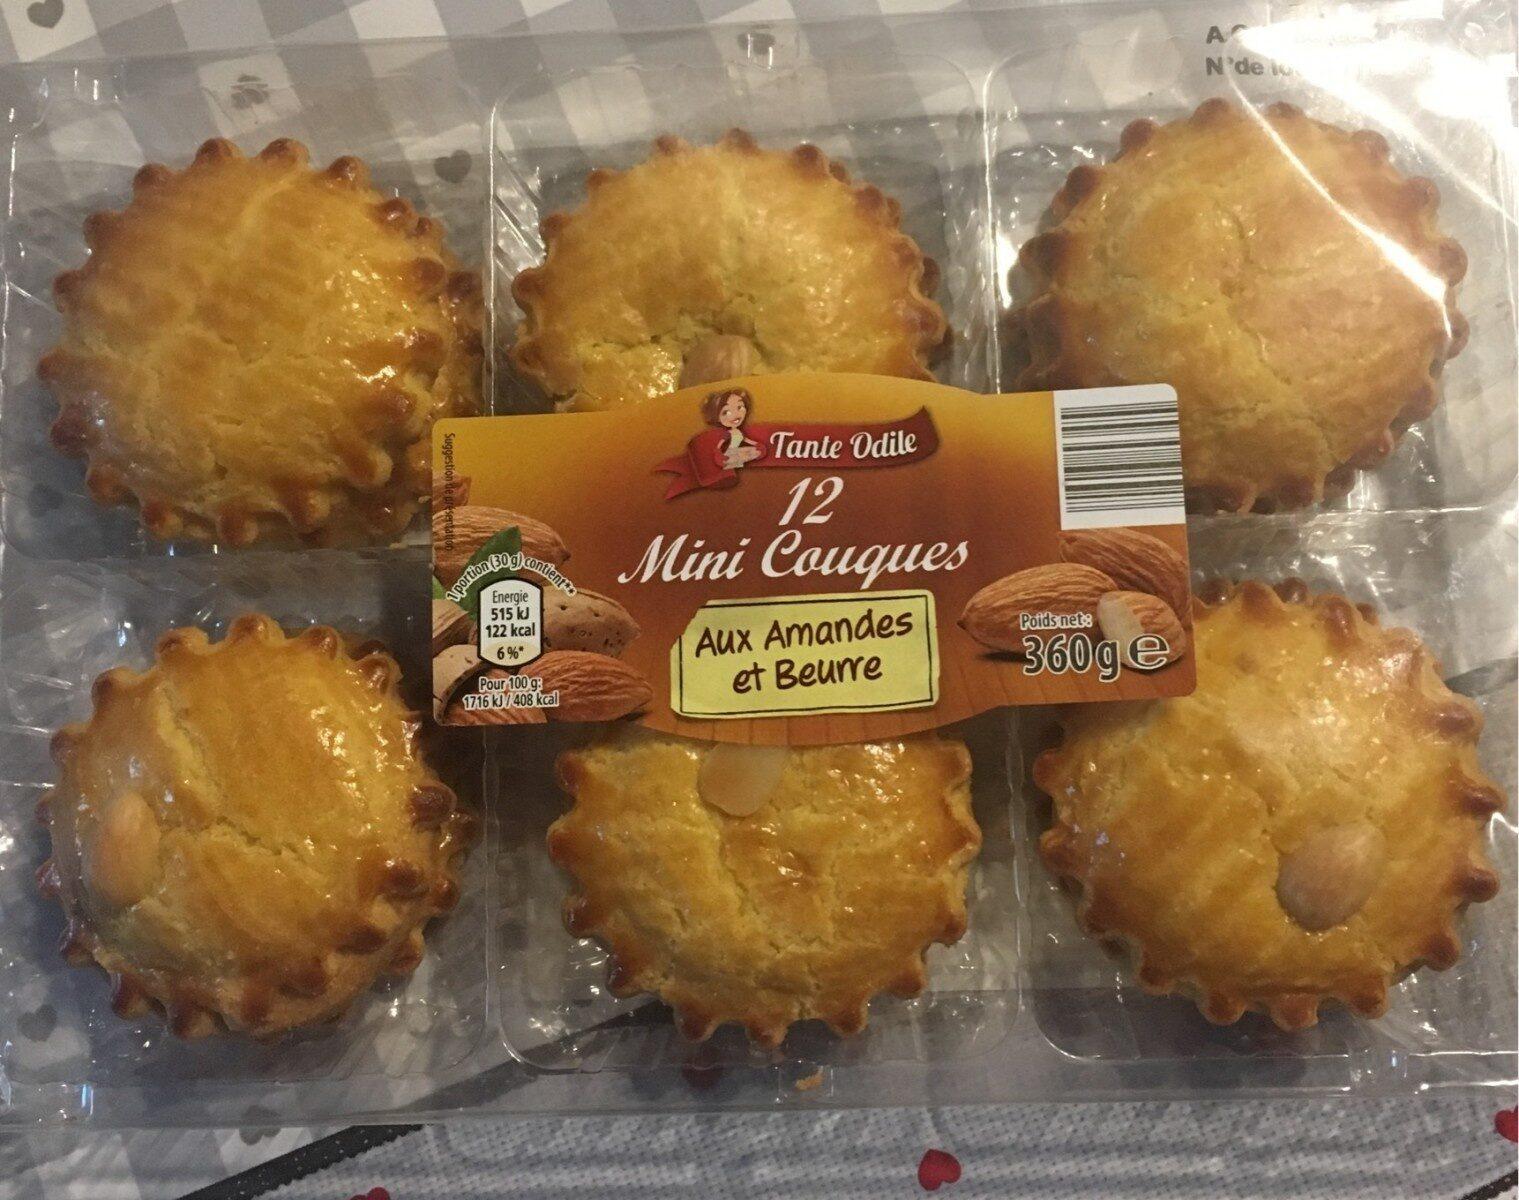 Mini couques aux pommes et beurre - Produit - fr